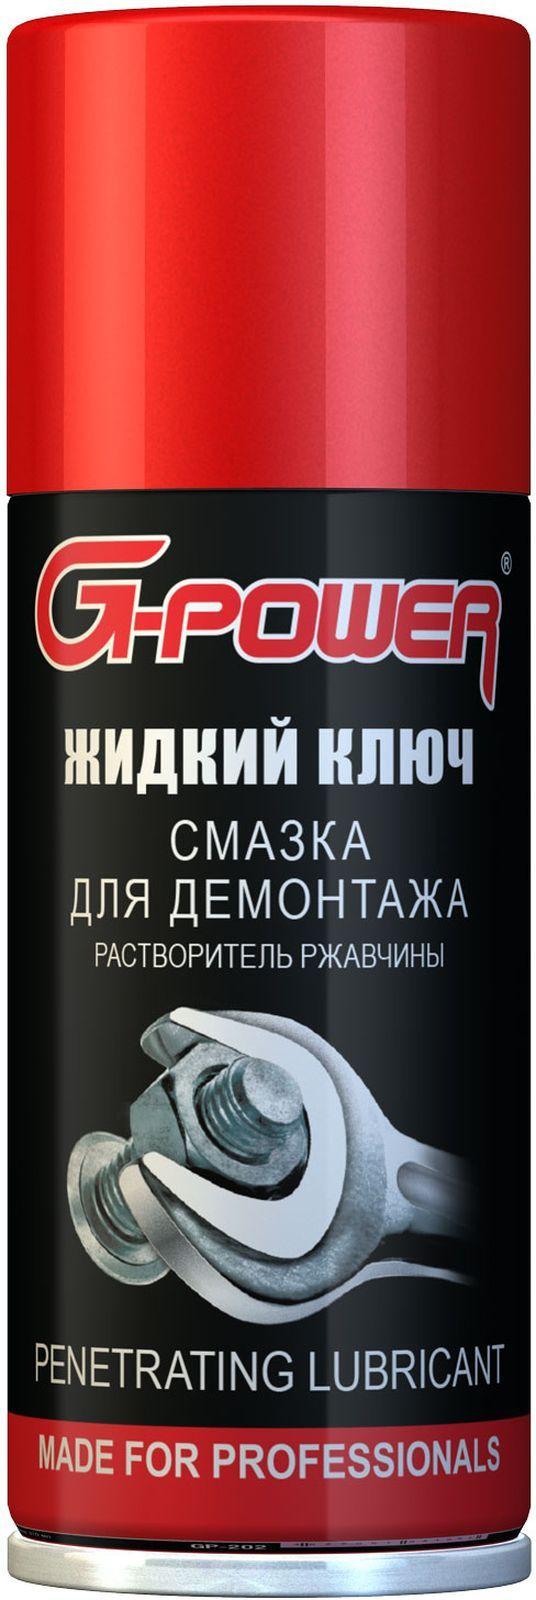 Смазка G-Power Жидкий ключ, 210 мл